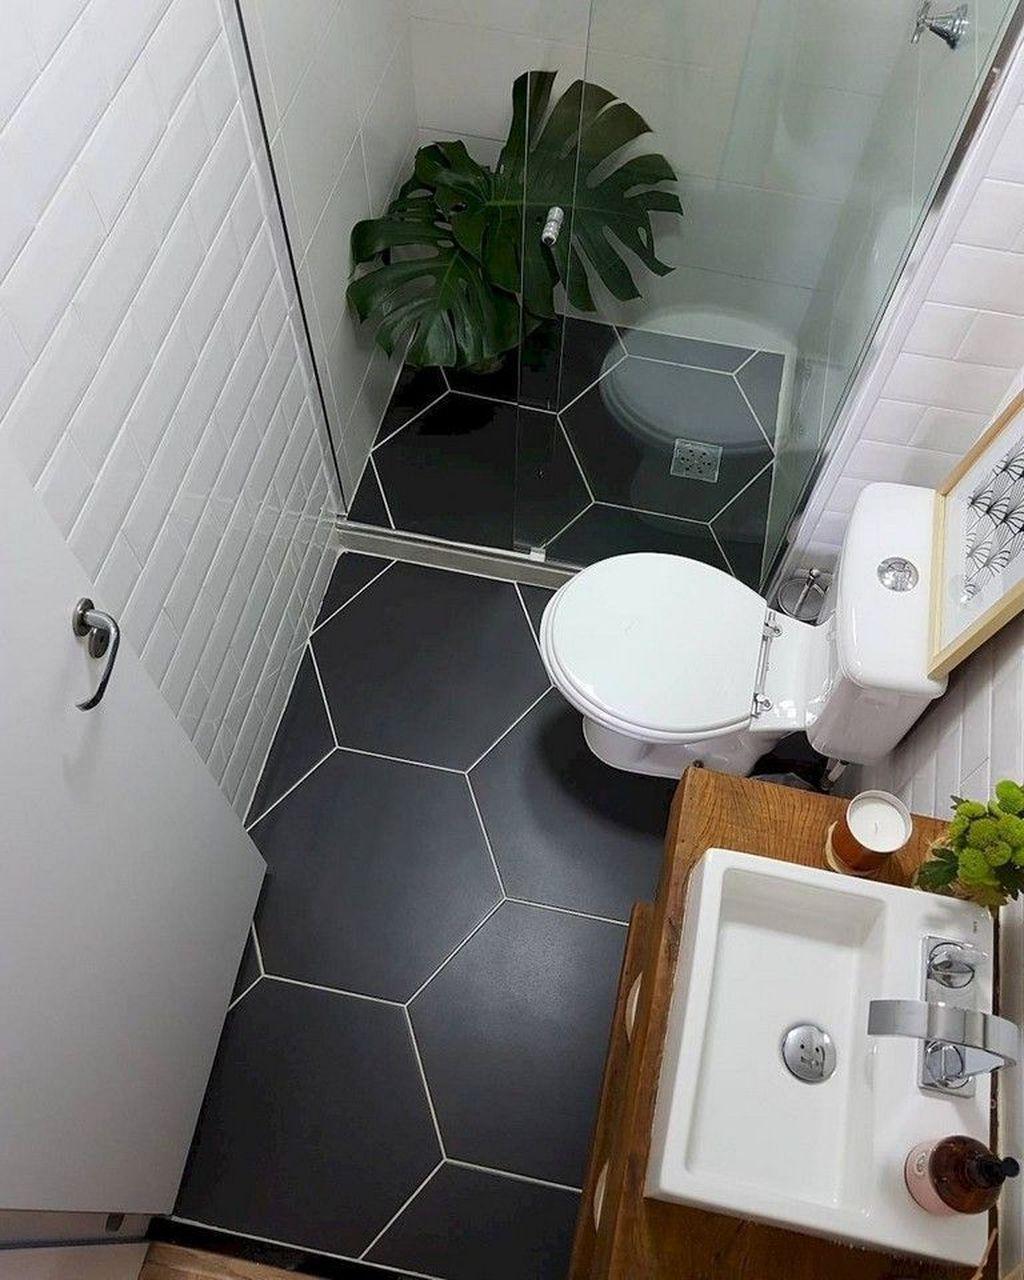 30 Simple Minimalist Bathroom Shower Design Ideas Trenduhome Small Bathroom With Shower Small Bathroom Bathroom Design Small